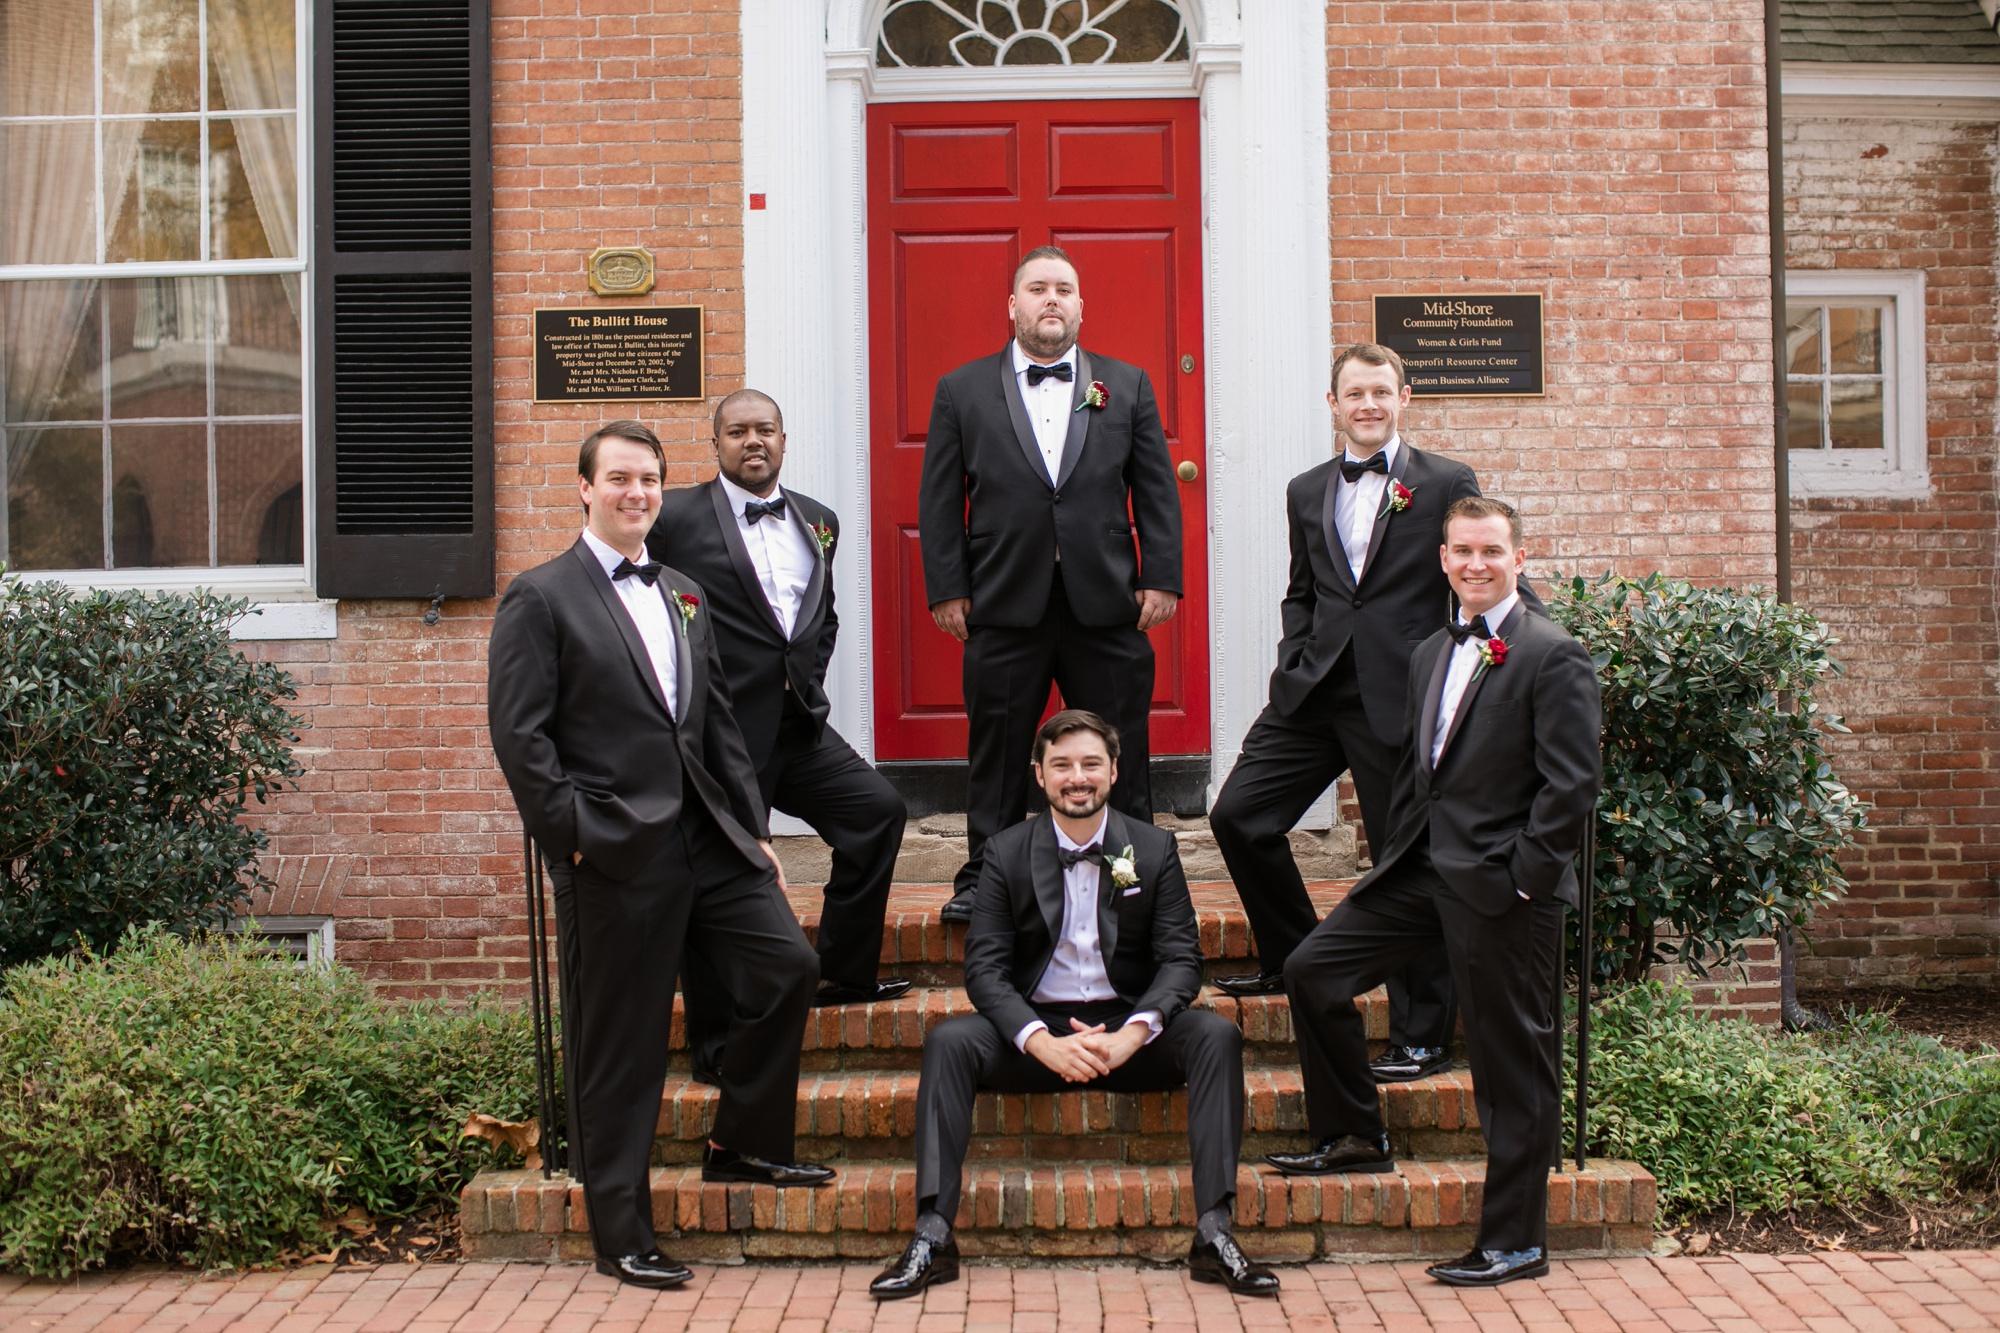 Bullet House groomsmen photo